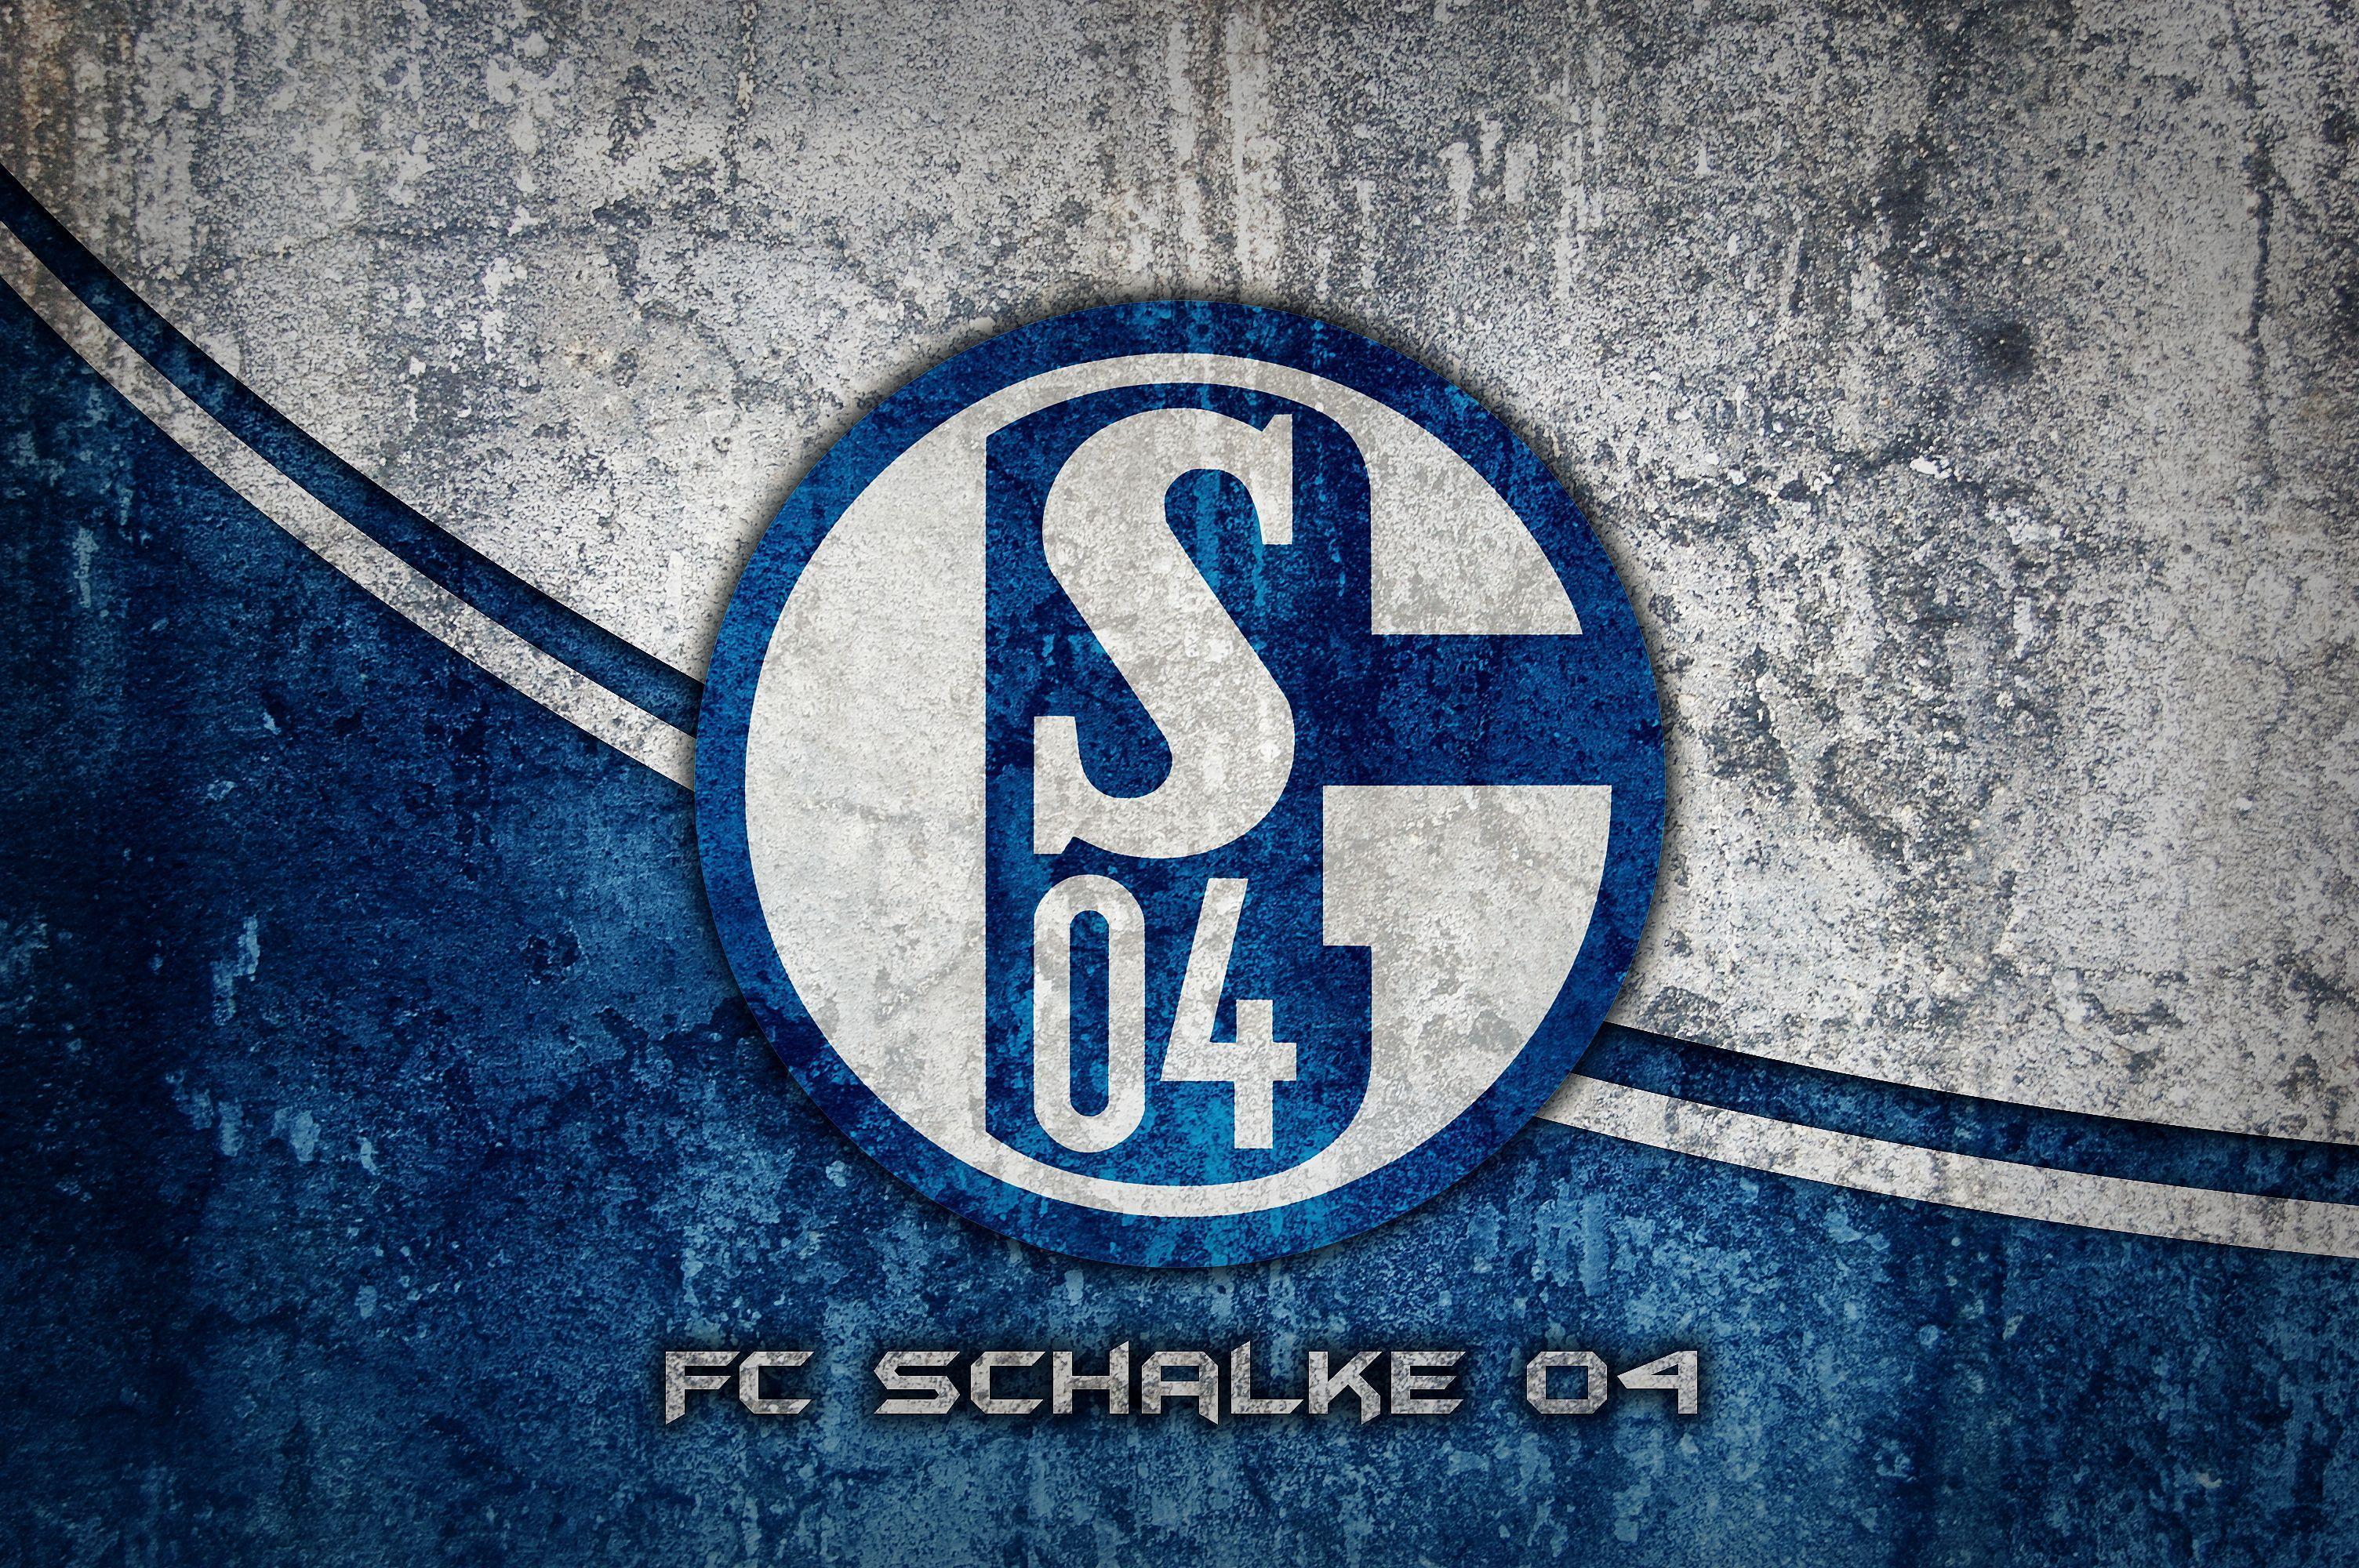 Www.Fc Schalke 04